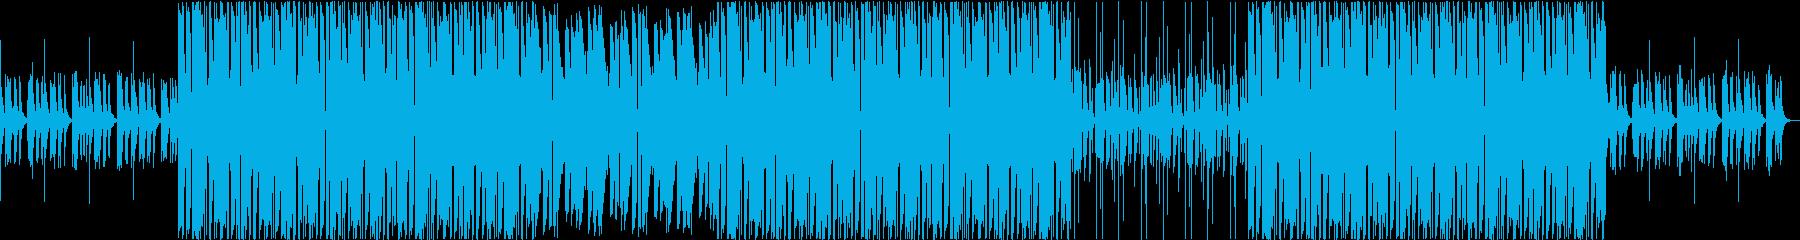 トロピカル トラップビートの再生済みの波形